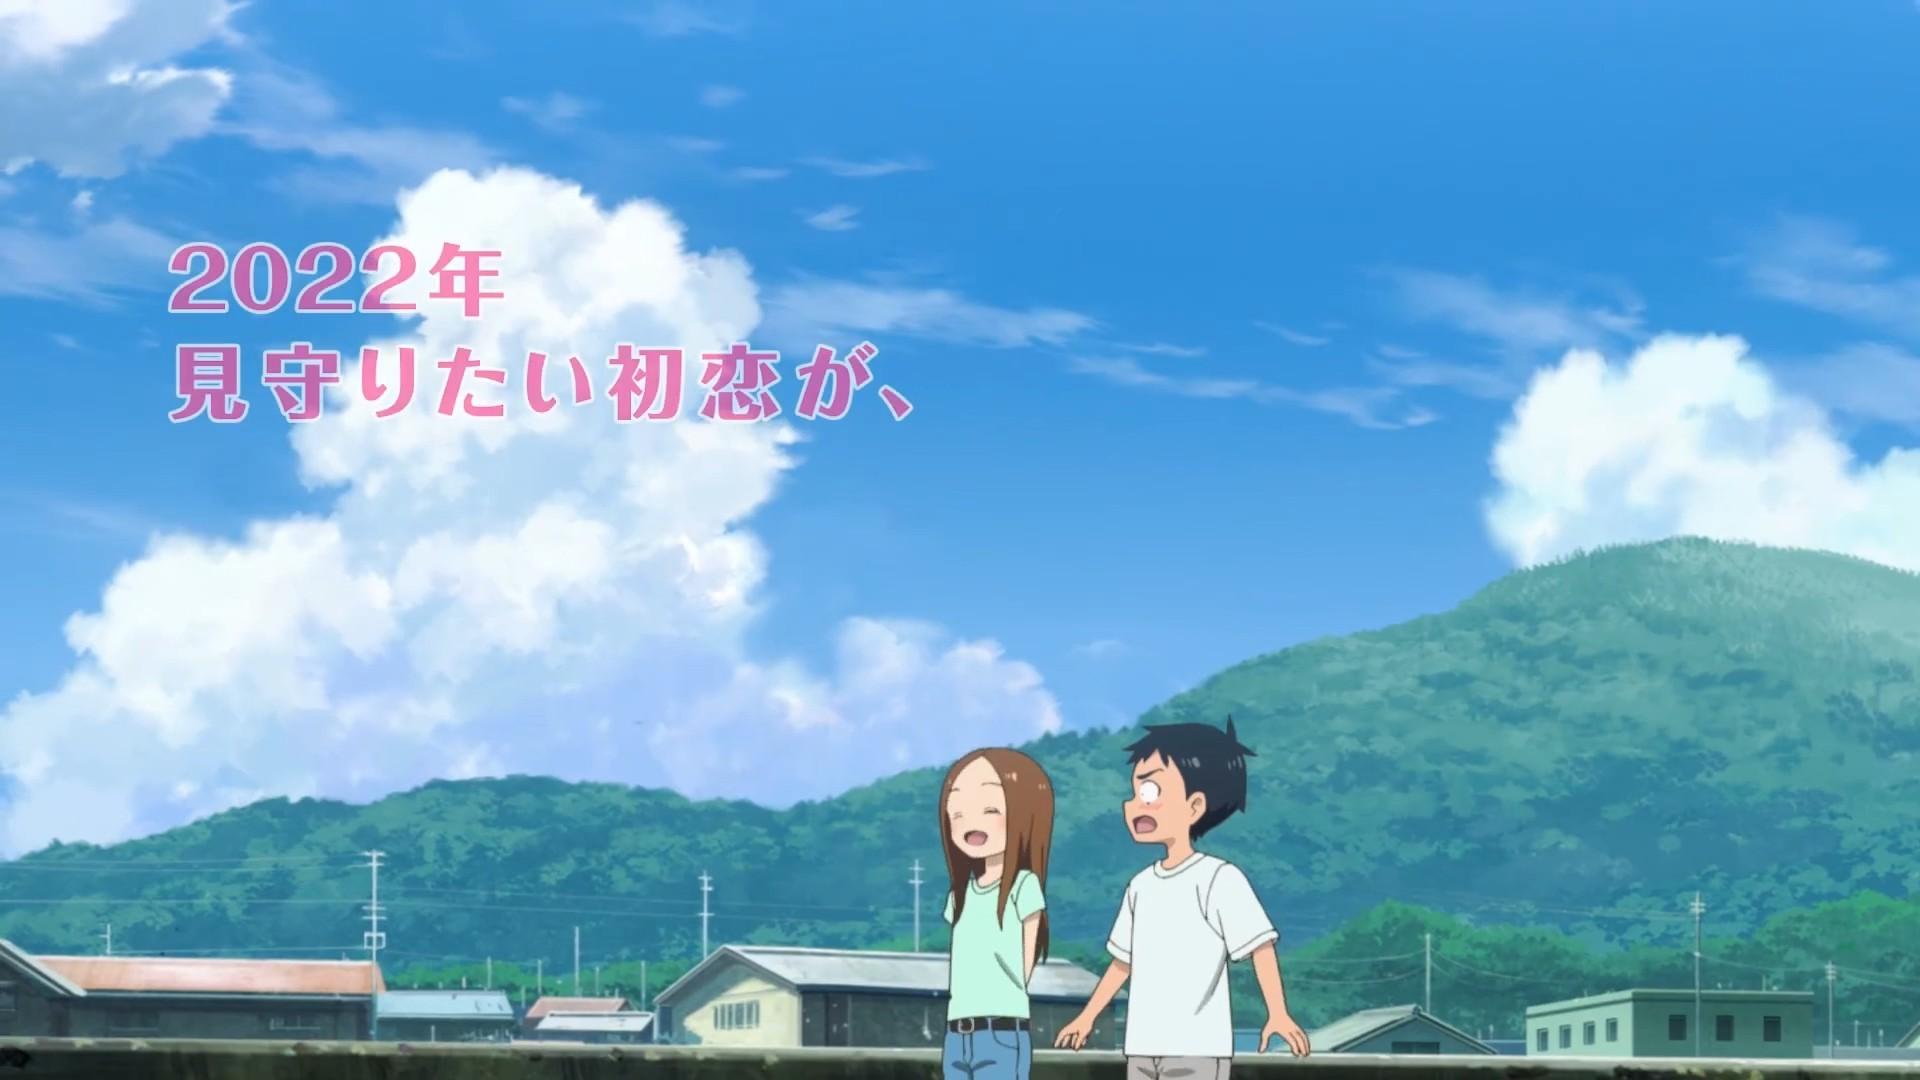 《擅长捉弄的高木同学》TV动画片第3季&经典剧场制作决定,动漫文章